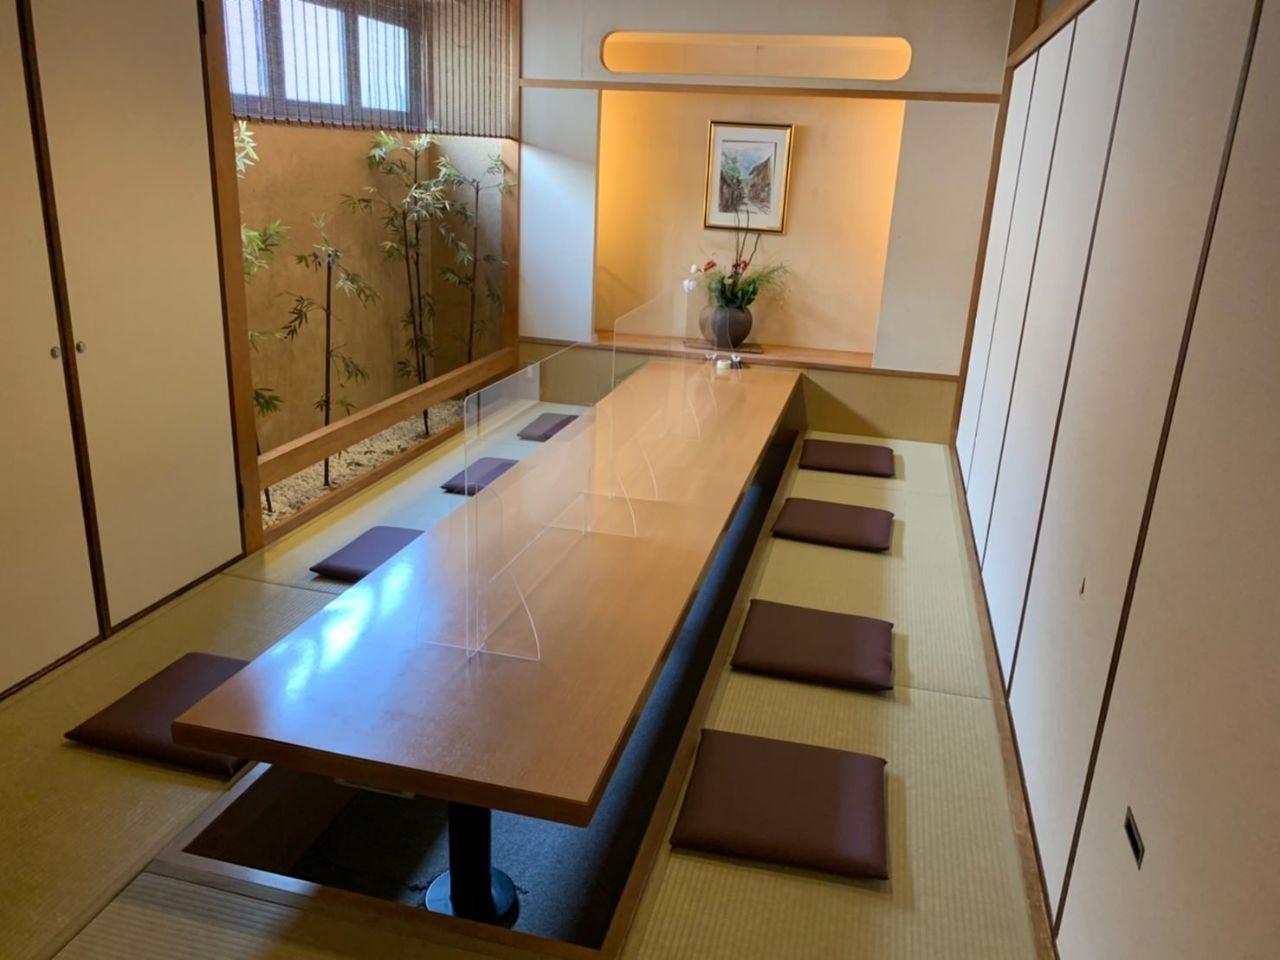 【接待・記念日】完全個室をご用意